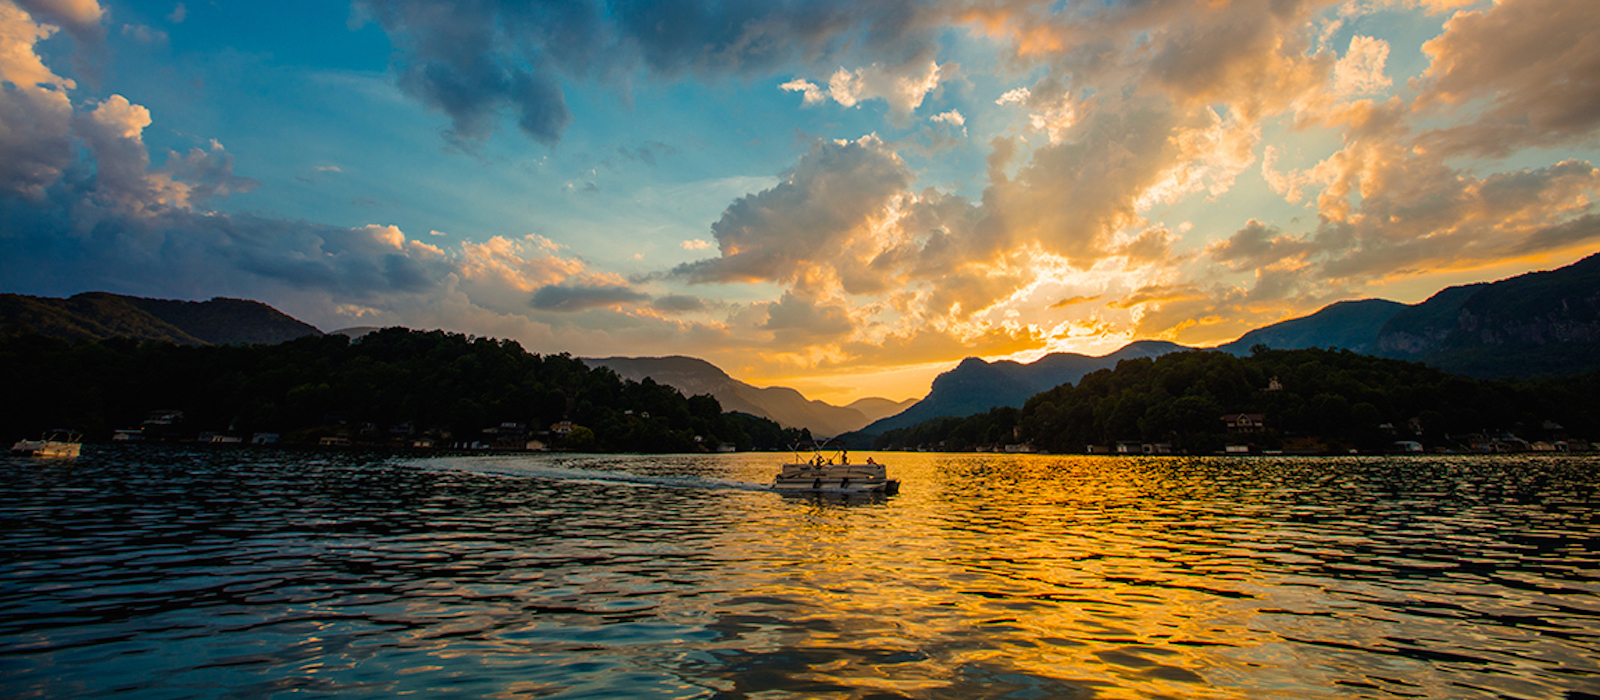 Lake Lure, NC Sunset on the Lake - Around Lake Lure